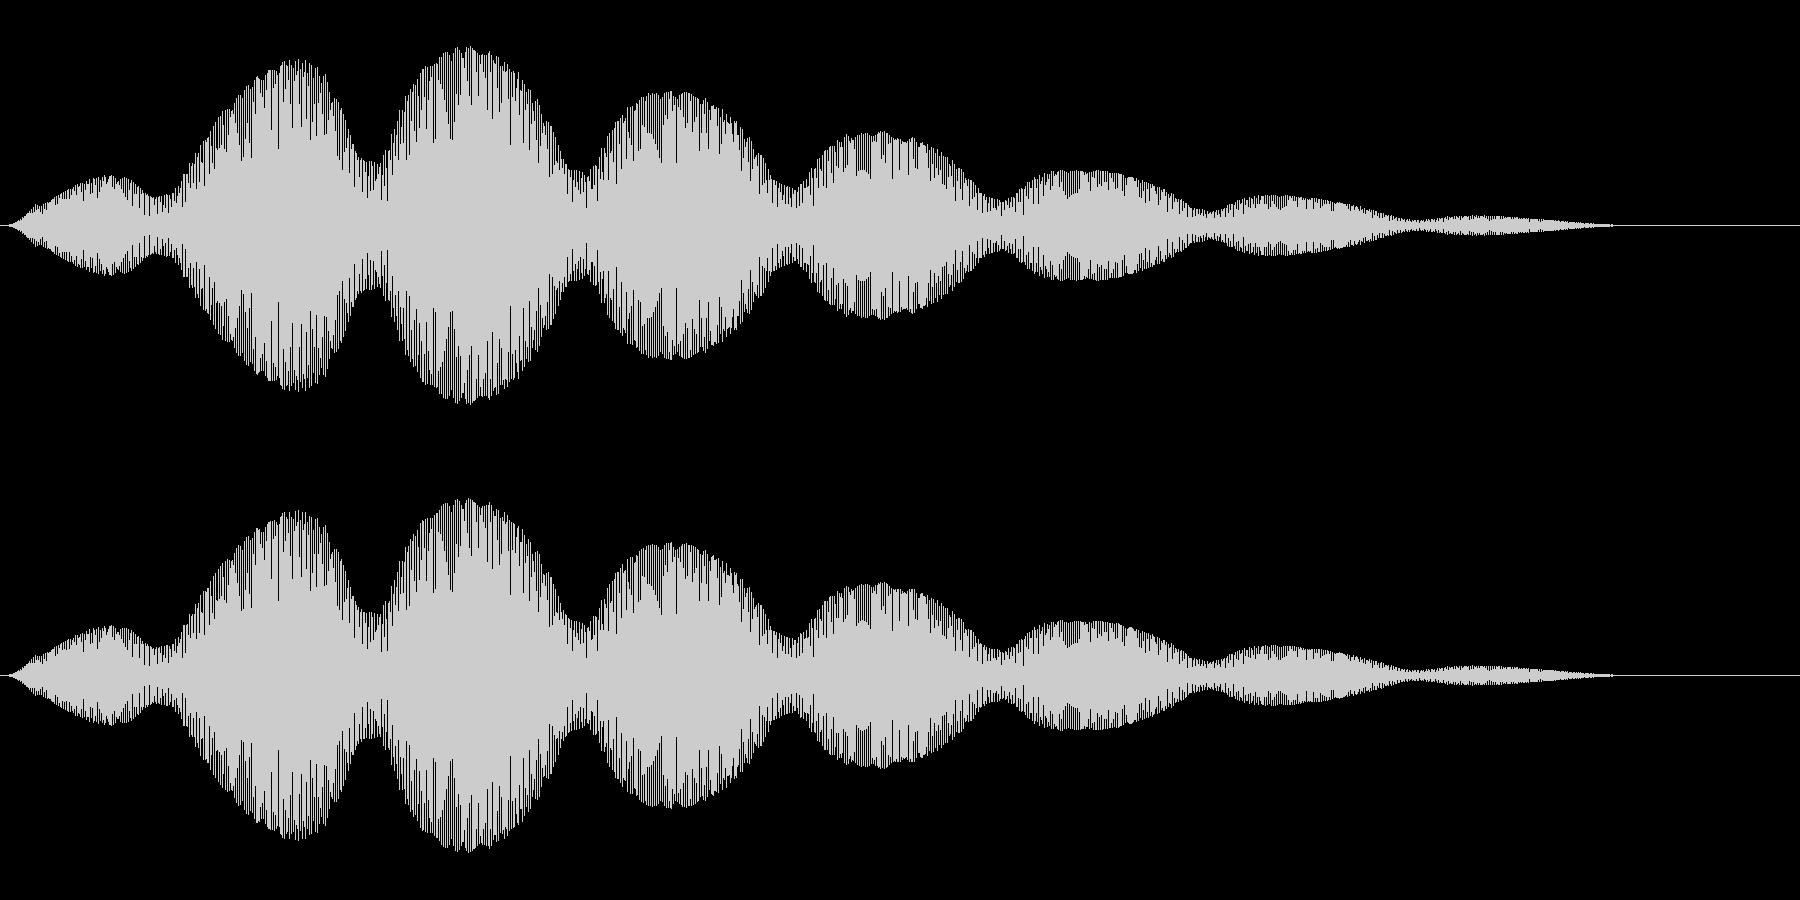 雲がふわふわと浮かぶような効果音の未再生の波形